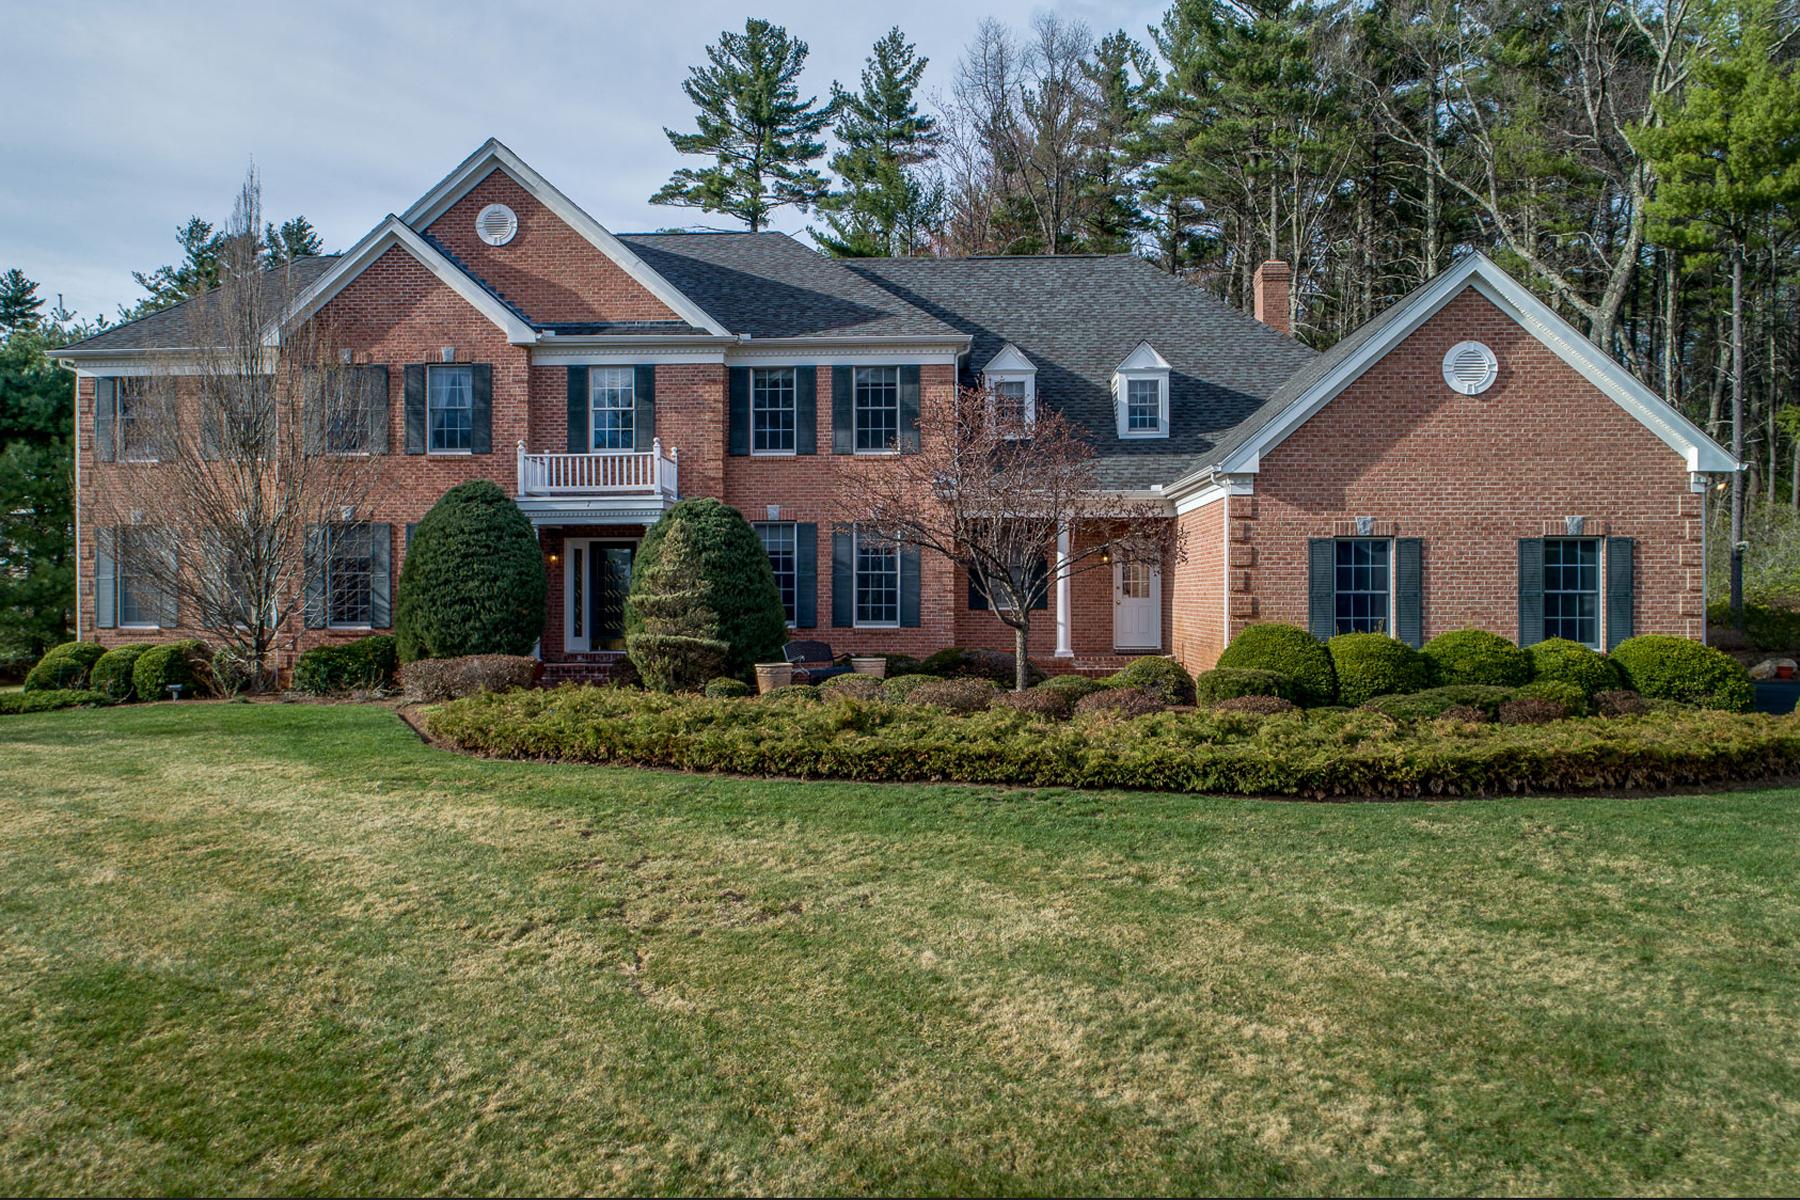 Частный односемейный дом для того Продажа на 7 Marston, Bedford Bedford, Нью-Гэмпшир, 03110 Соединенные Штаты